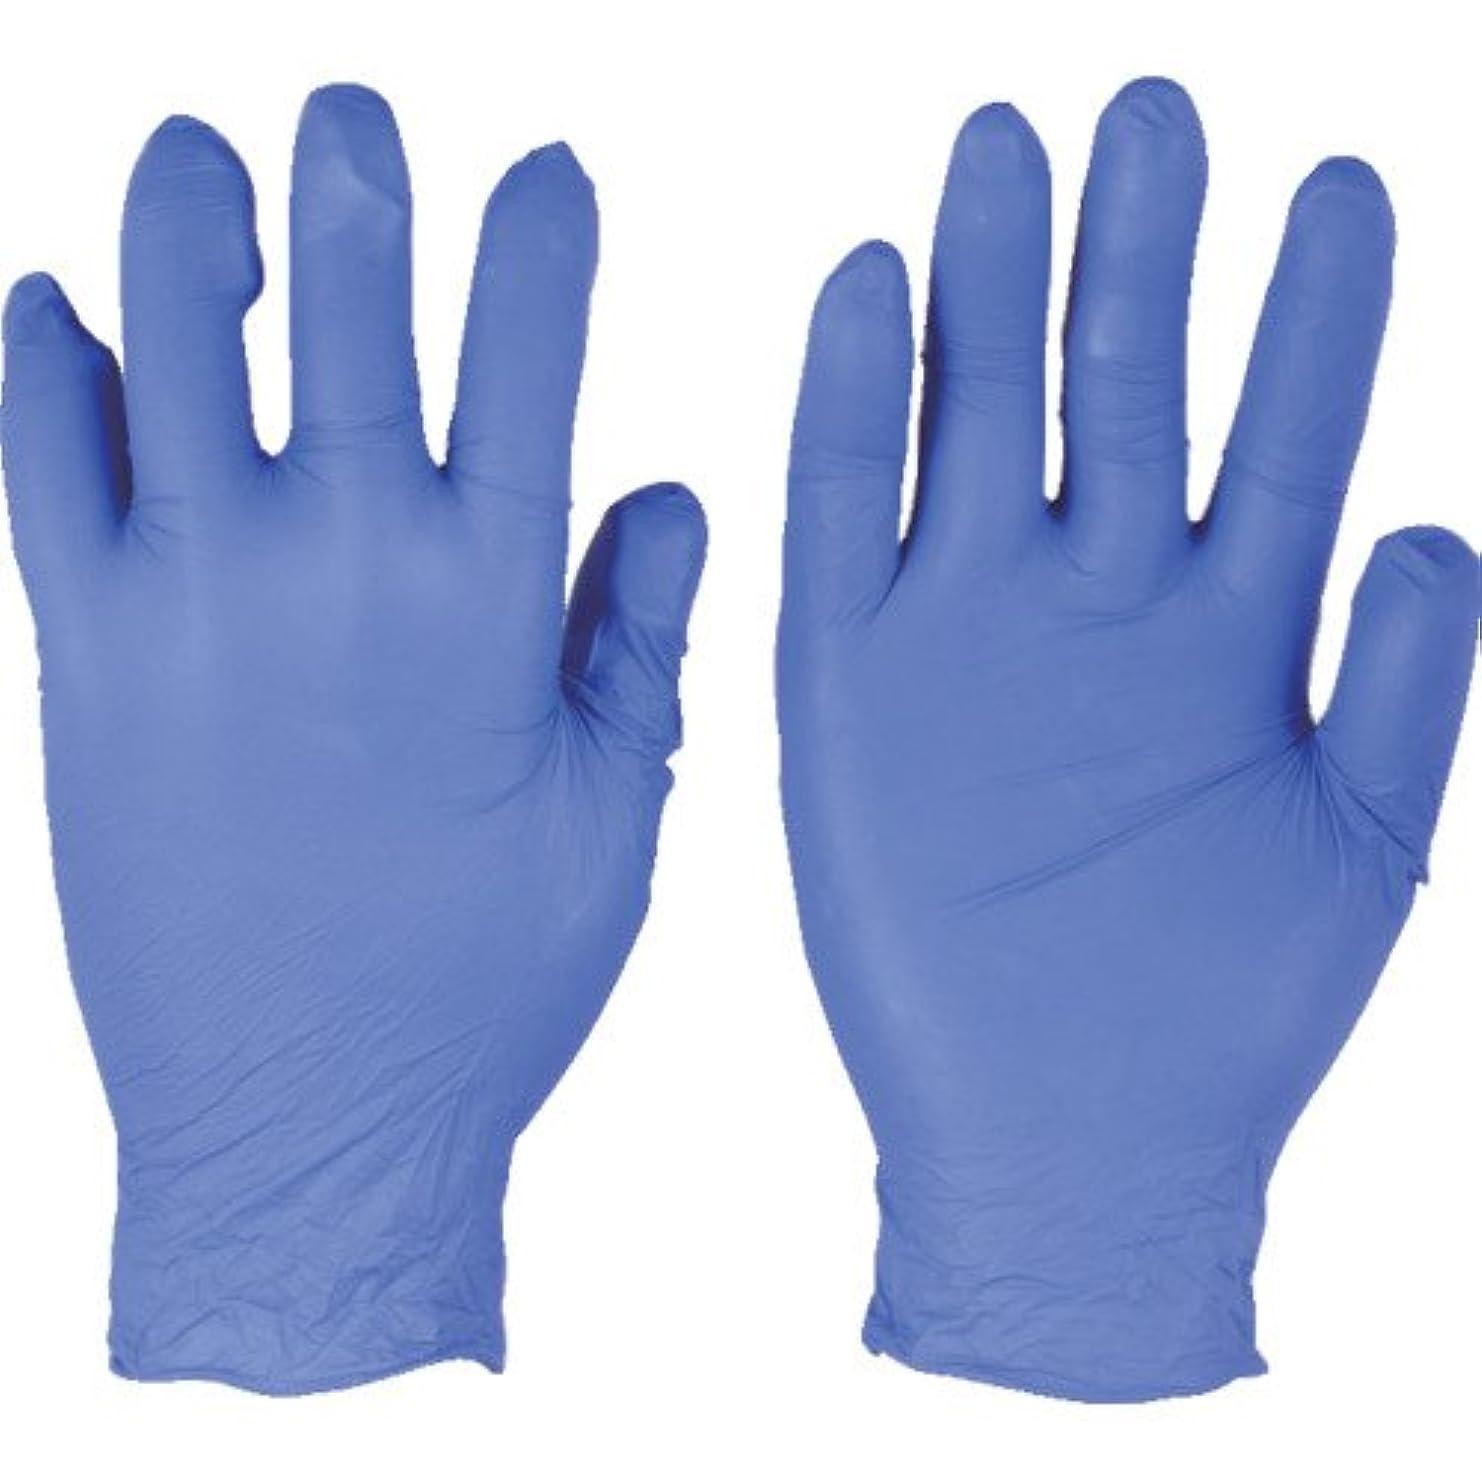 防ぐ代表団魅惑的なトラスコ中山 アンセル ニトリルゴム使い捨て手袋 エッジ 82-133 Mサイズ(300枚入り)  (300枚入) 821338